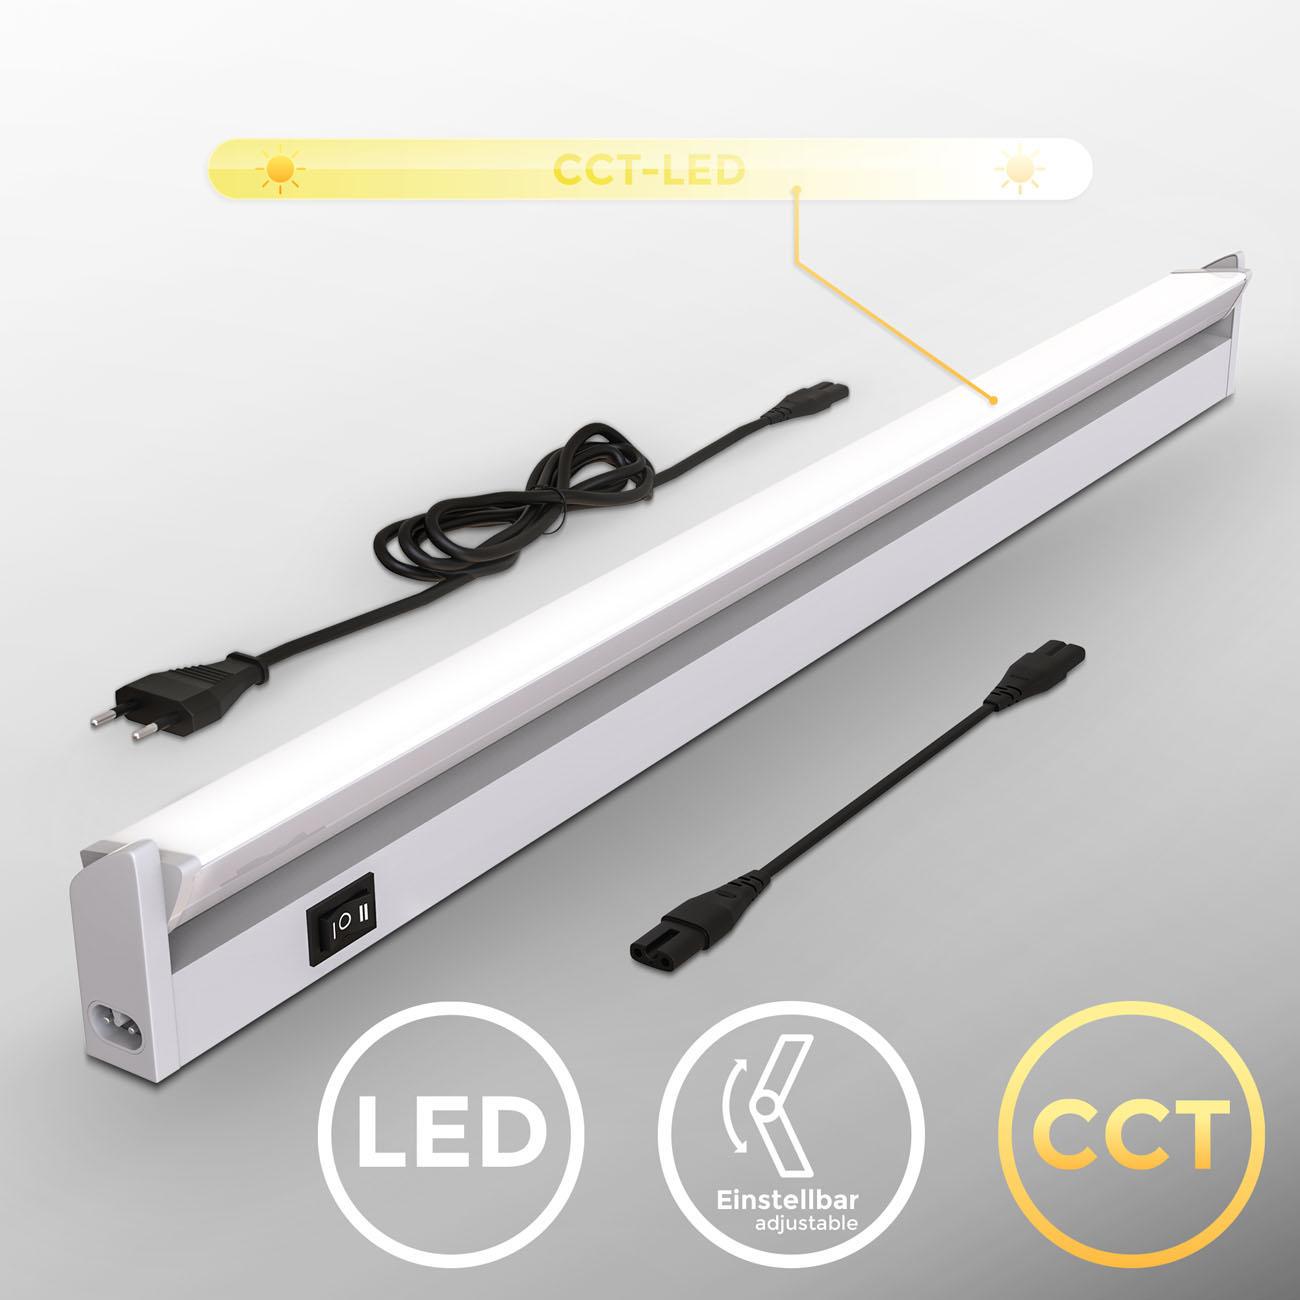 LED CCT Lichtleiste Unterschrankleuchte silber - 3